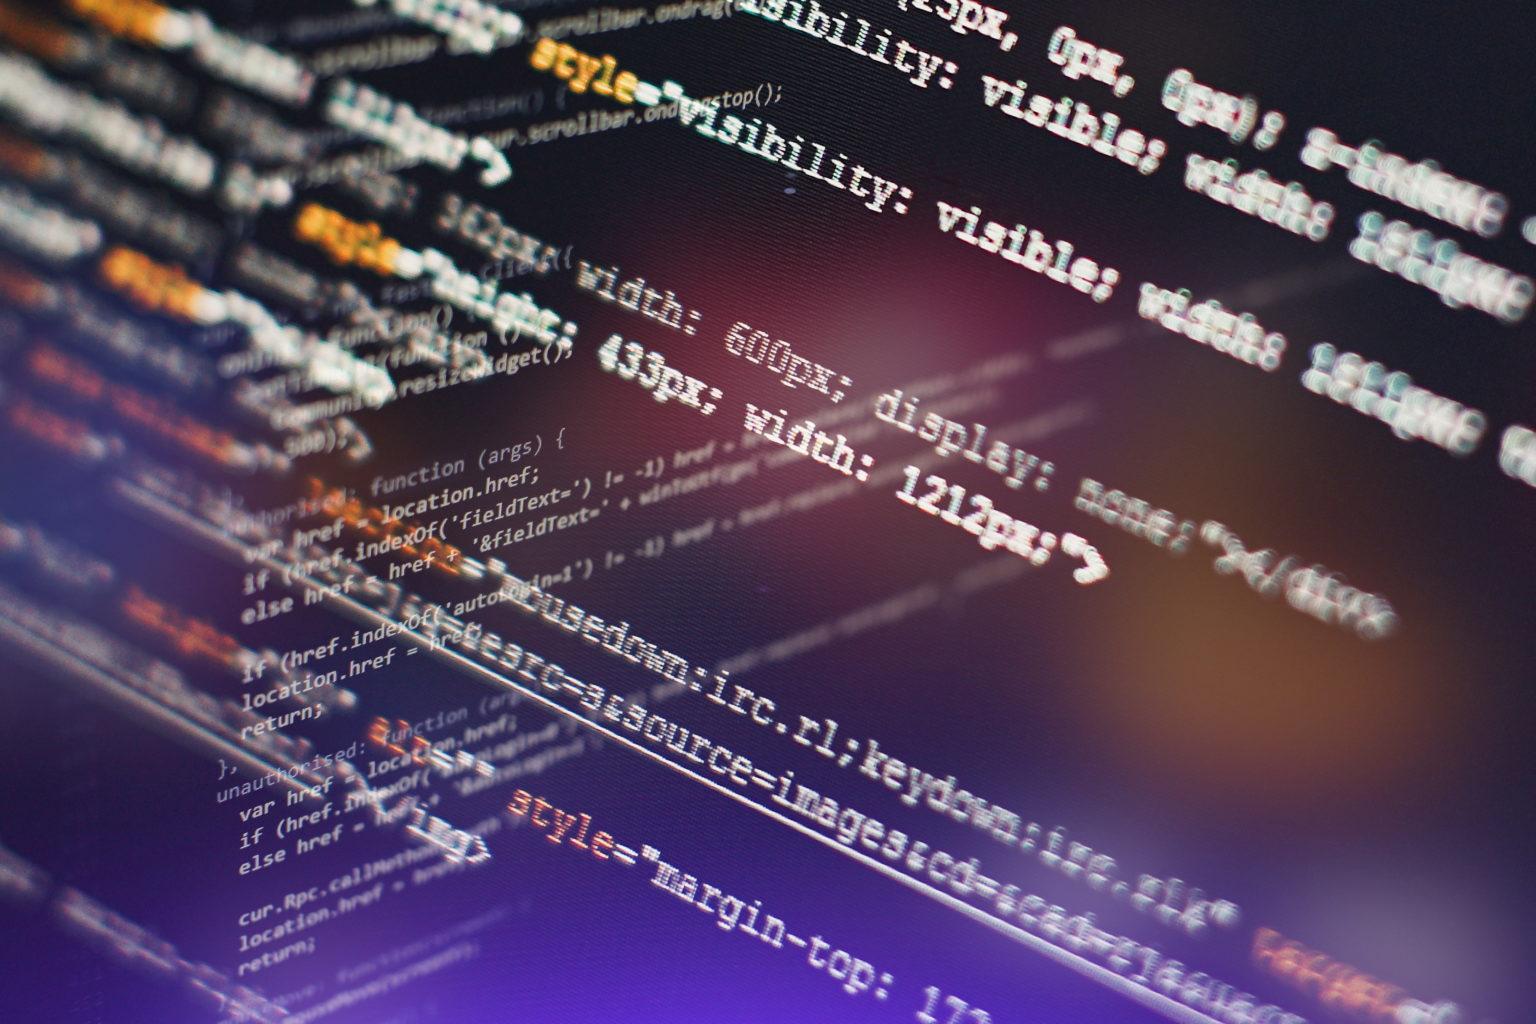 ウェブ開発のHTMLソースコード